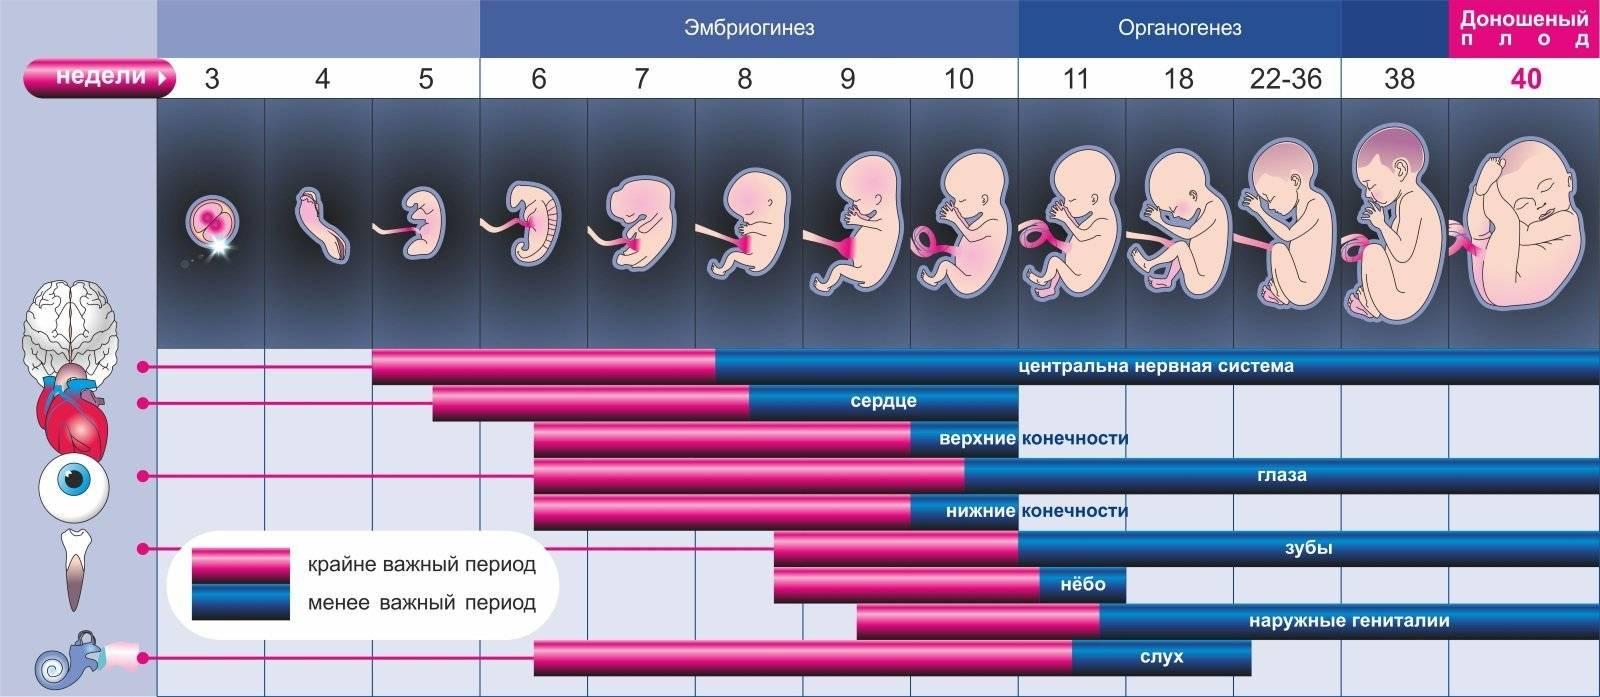 22 неделя беременности: что происходит с малышом и мамой | развитие плода, шевеления, ощущения женщины